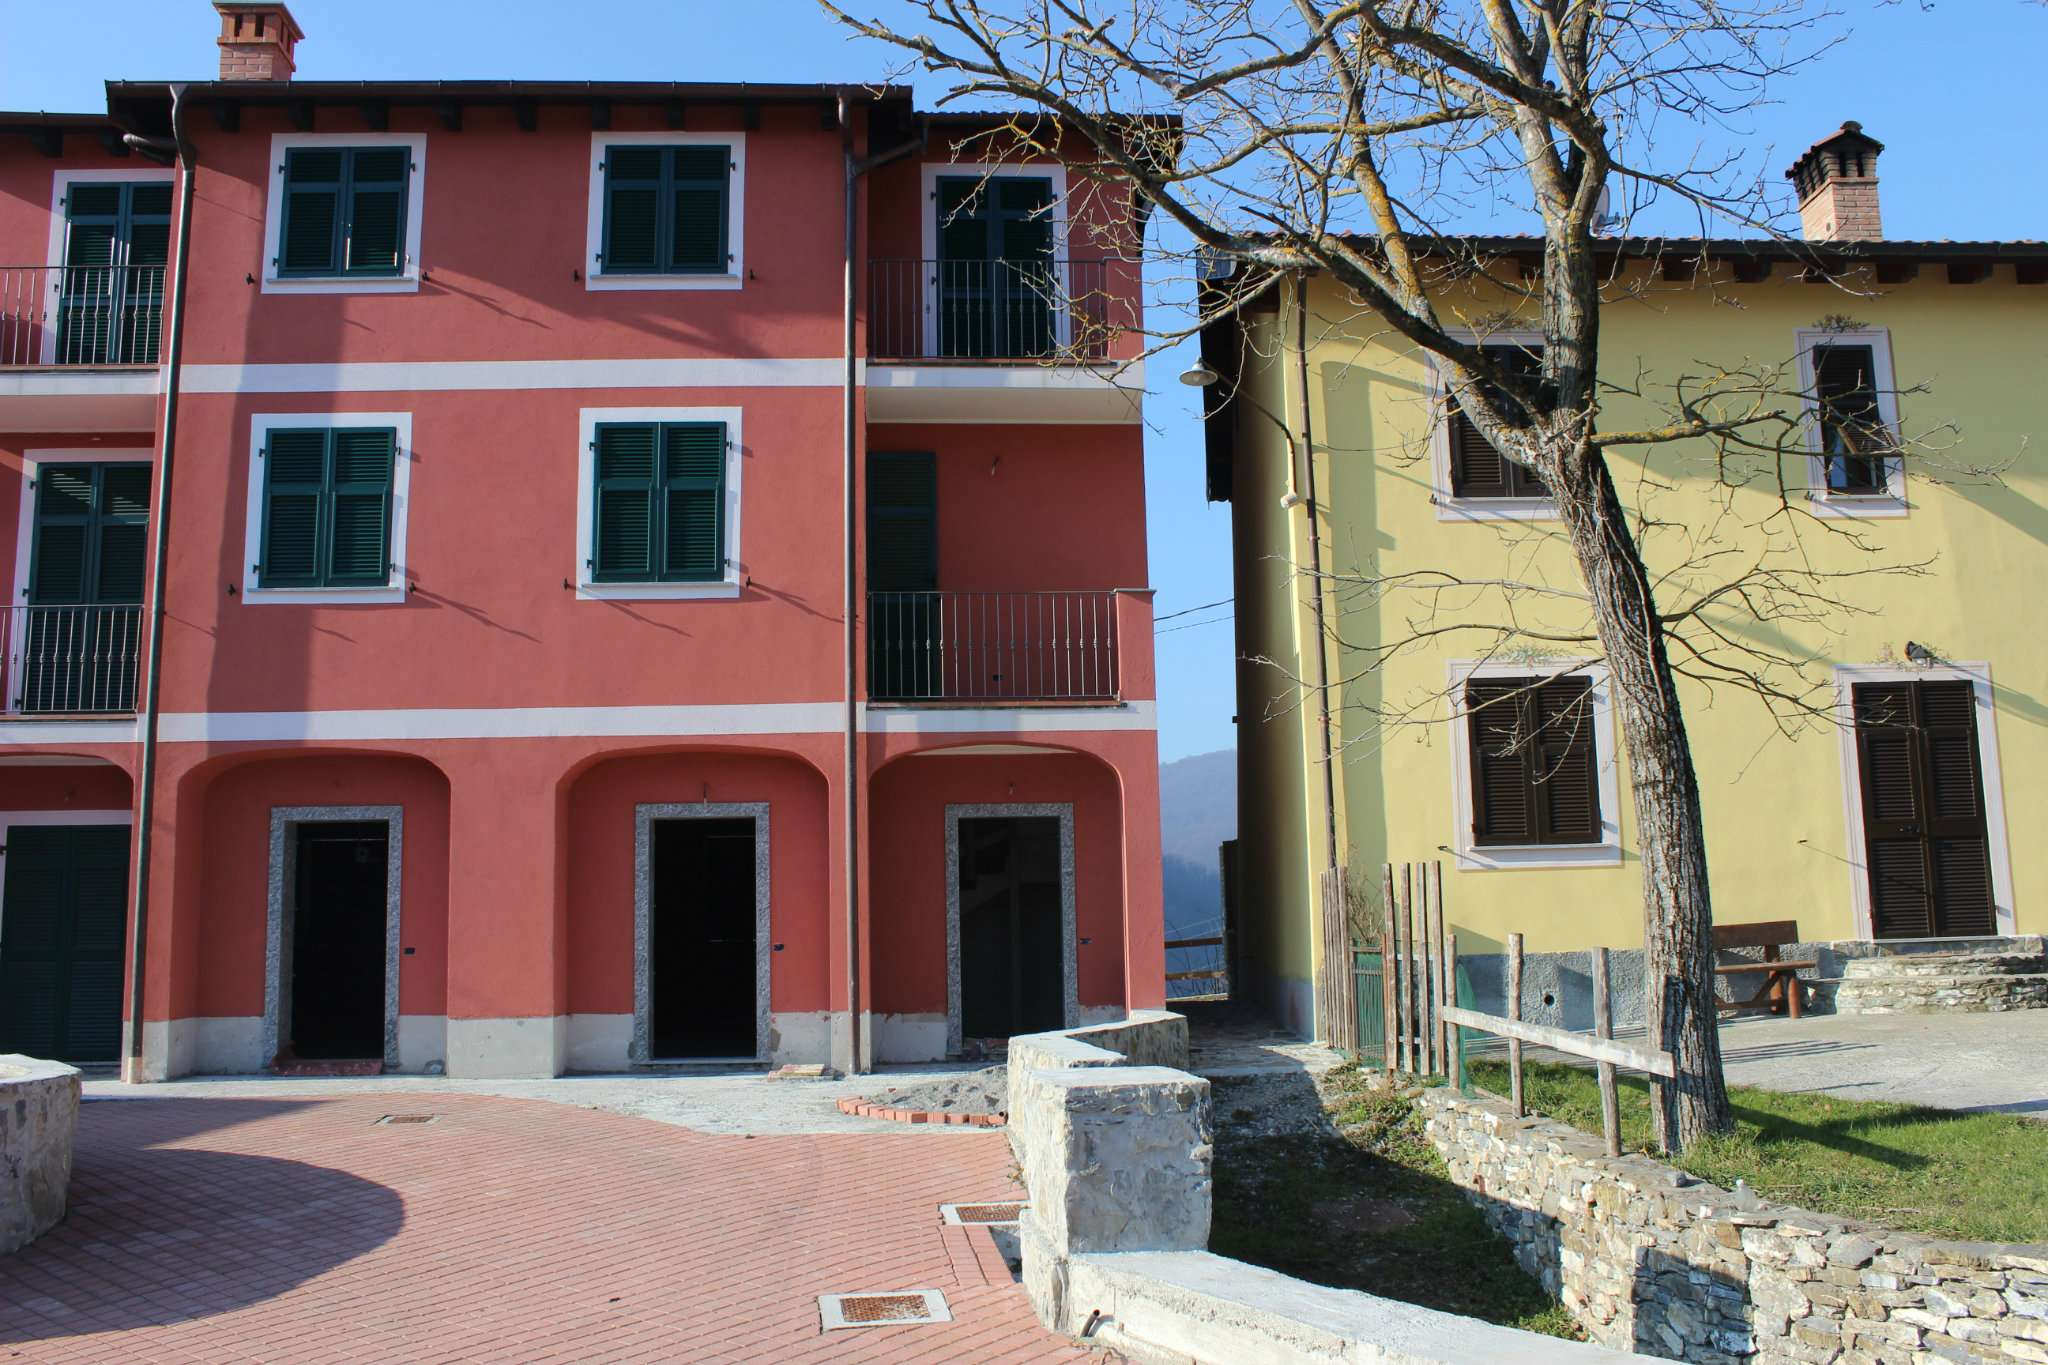 Soluzione Semindipendente in vendita a Savignone, 5 locali, prezzo € 65.000 | Cambio Casa.it